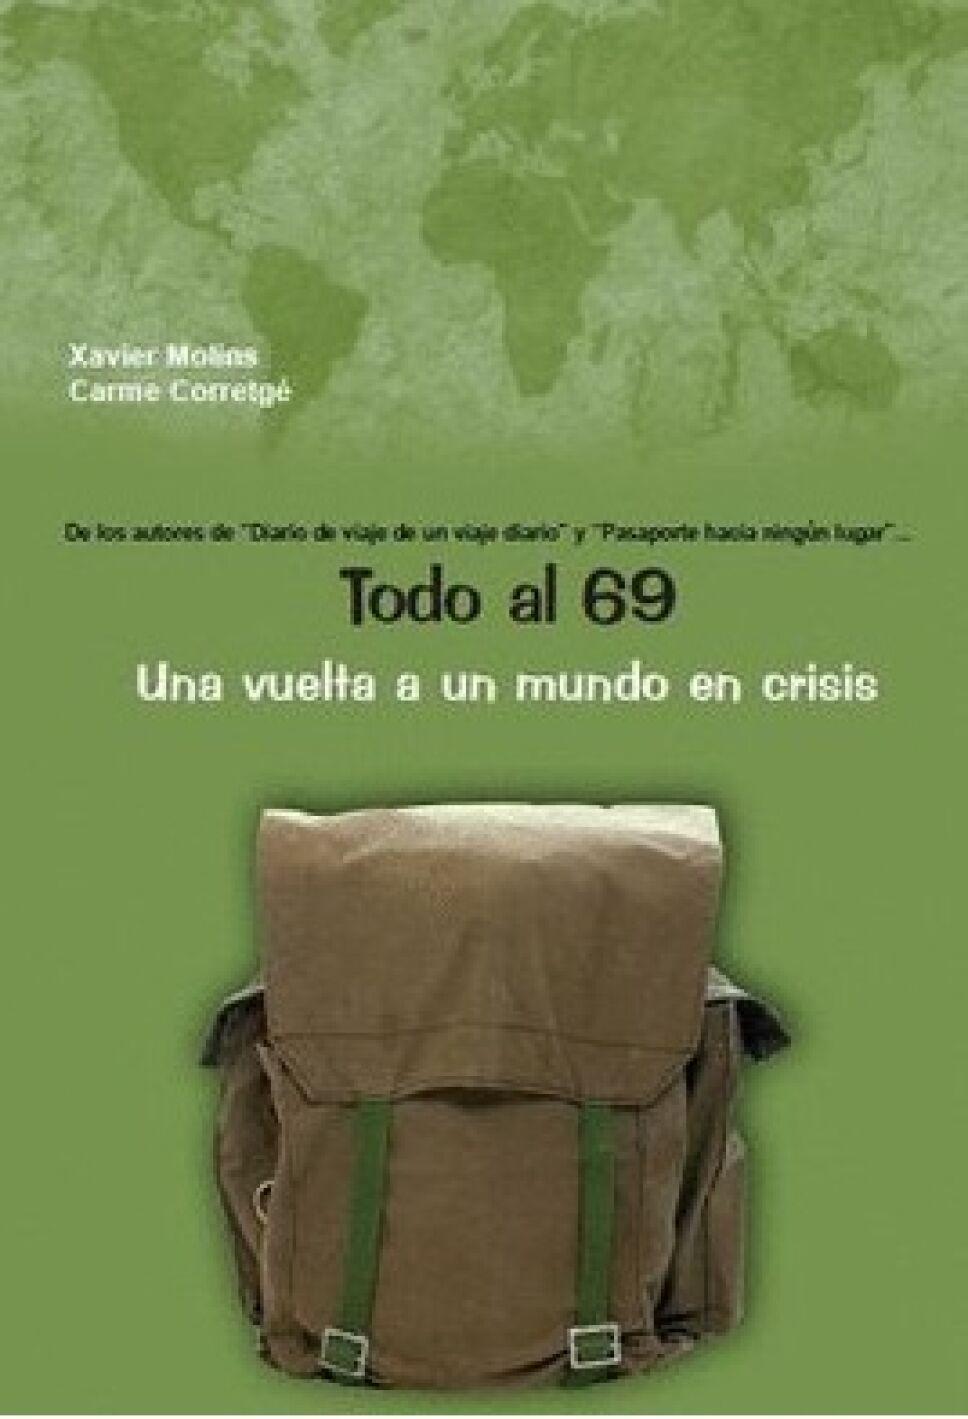 Todo al 69. Una vuelta a un mundo en crisis